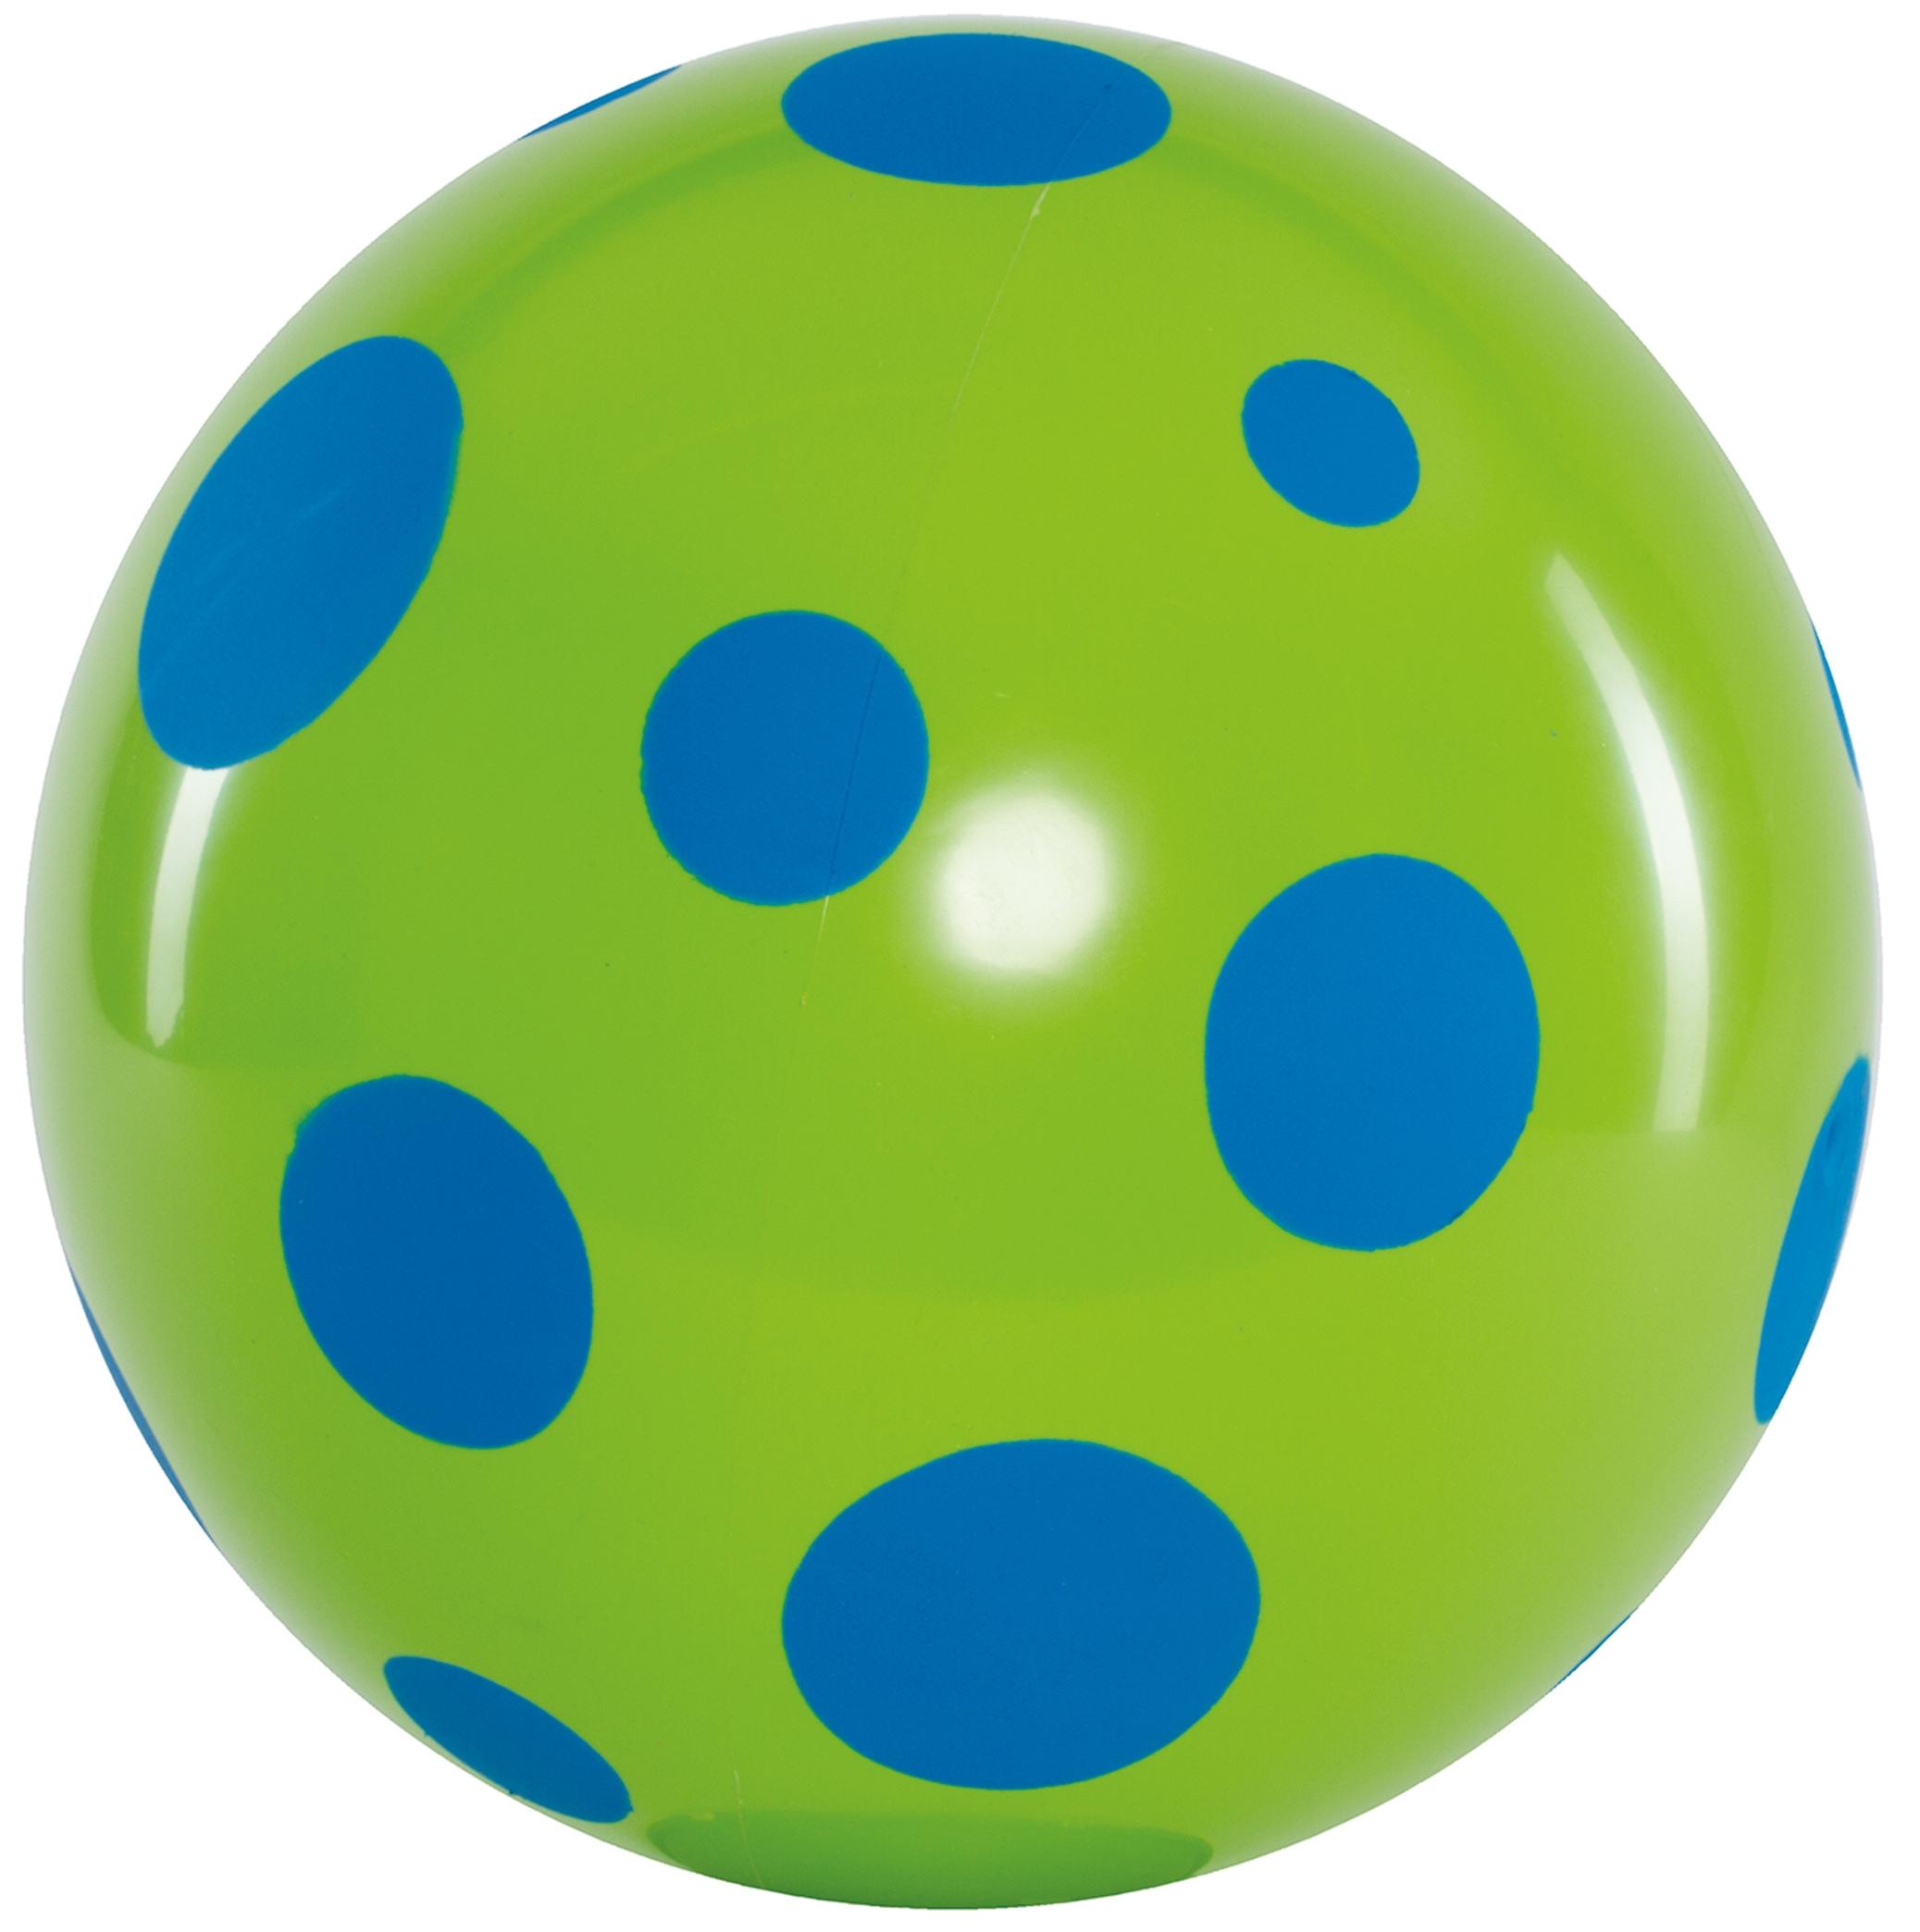 Мяч John Джамбо 38 см мячи john джамбо 38 см